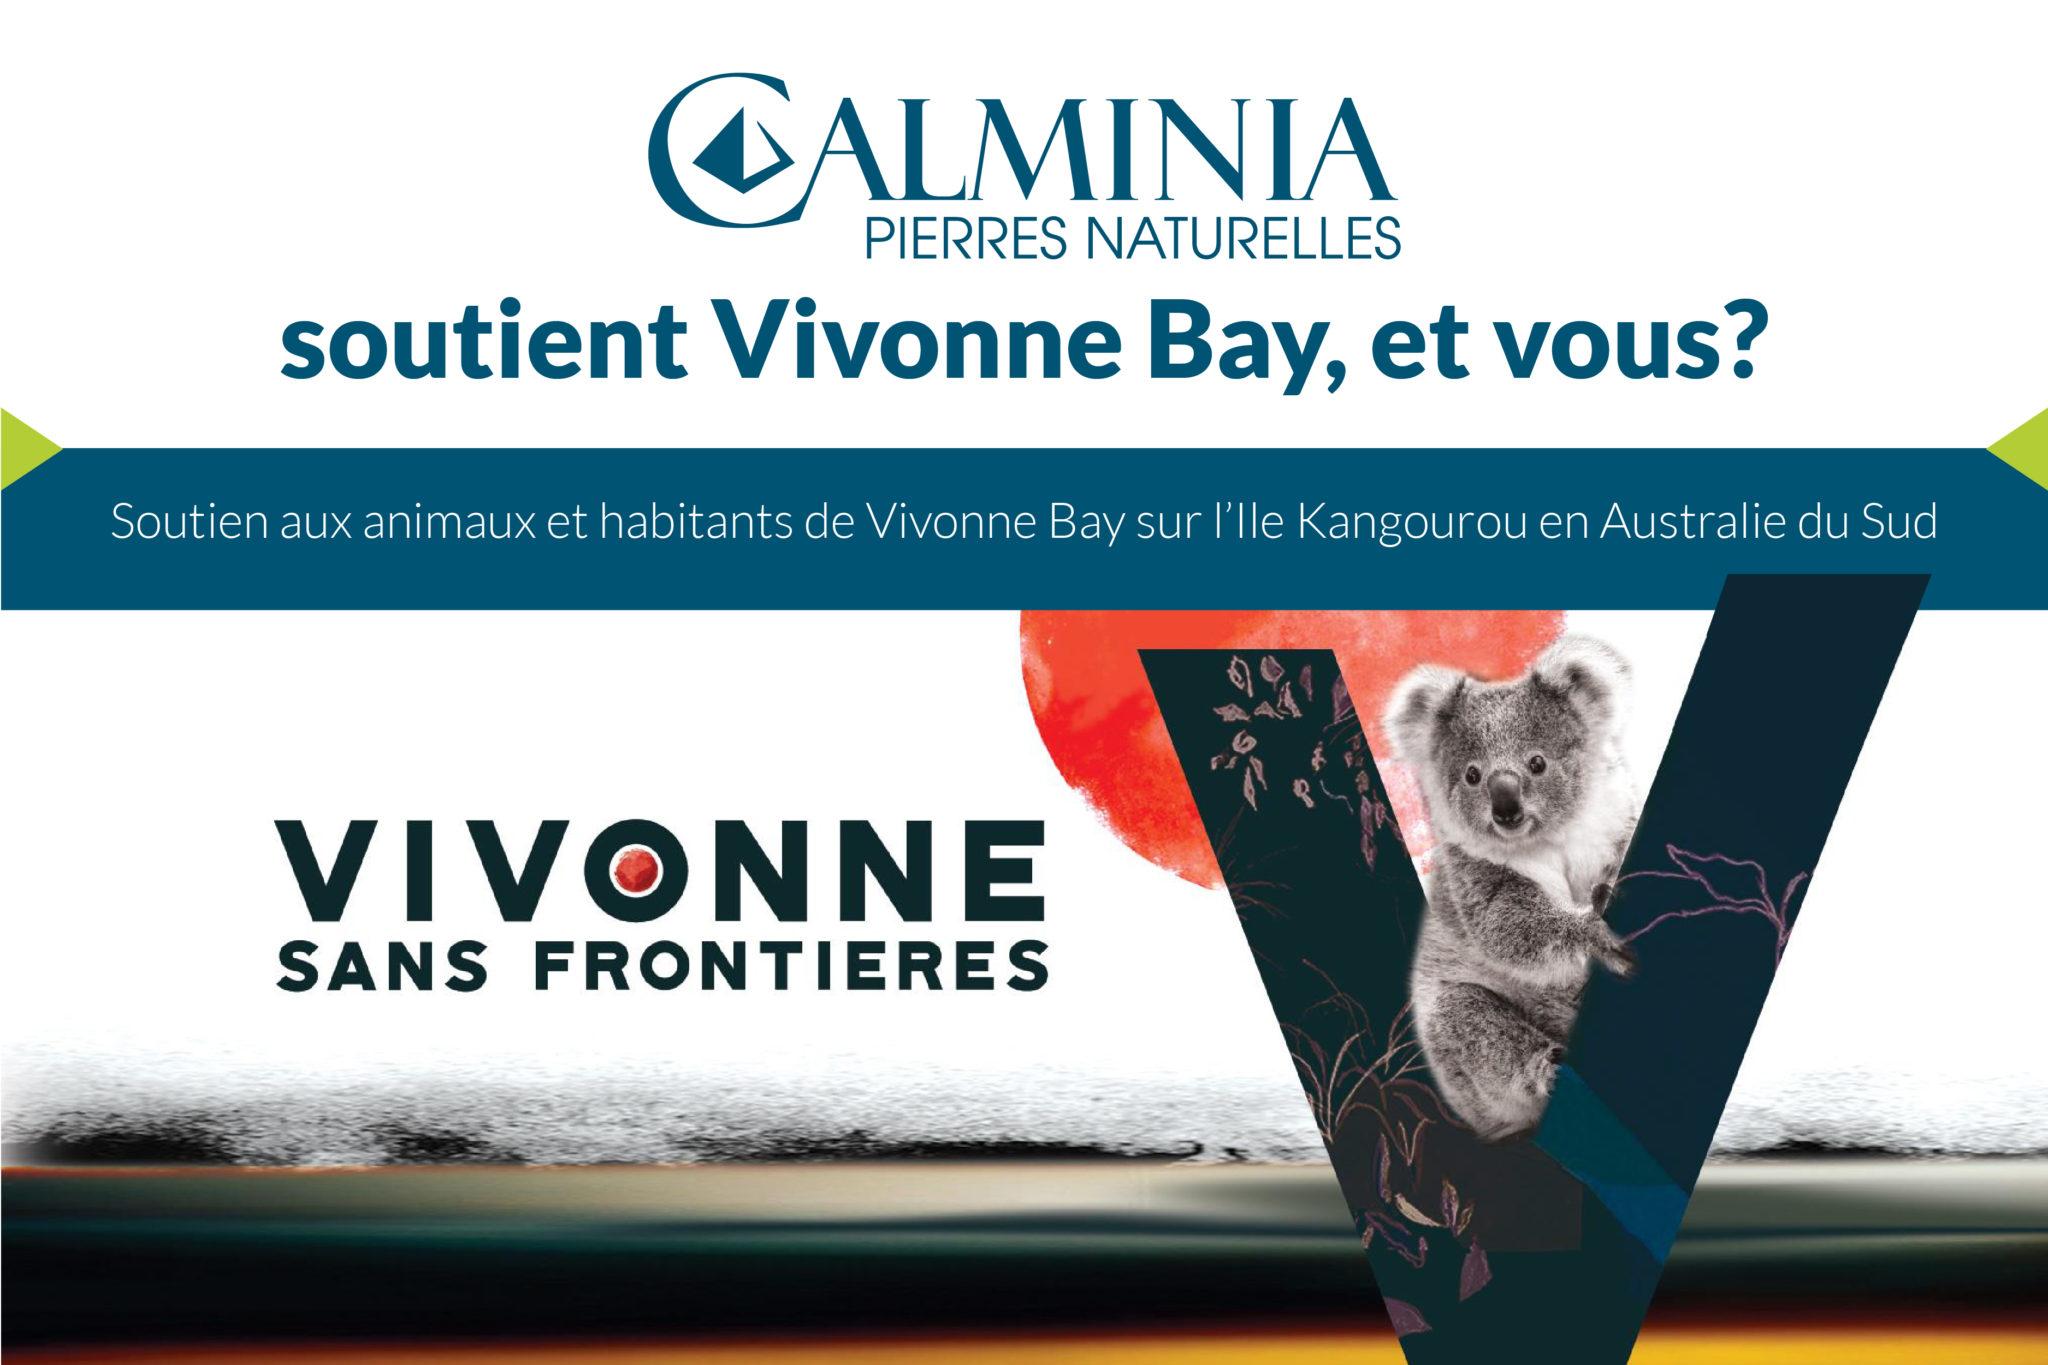 Vivonne sans Frontières - Calminia soutient Vivonne Bay